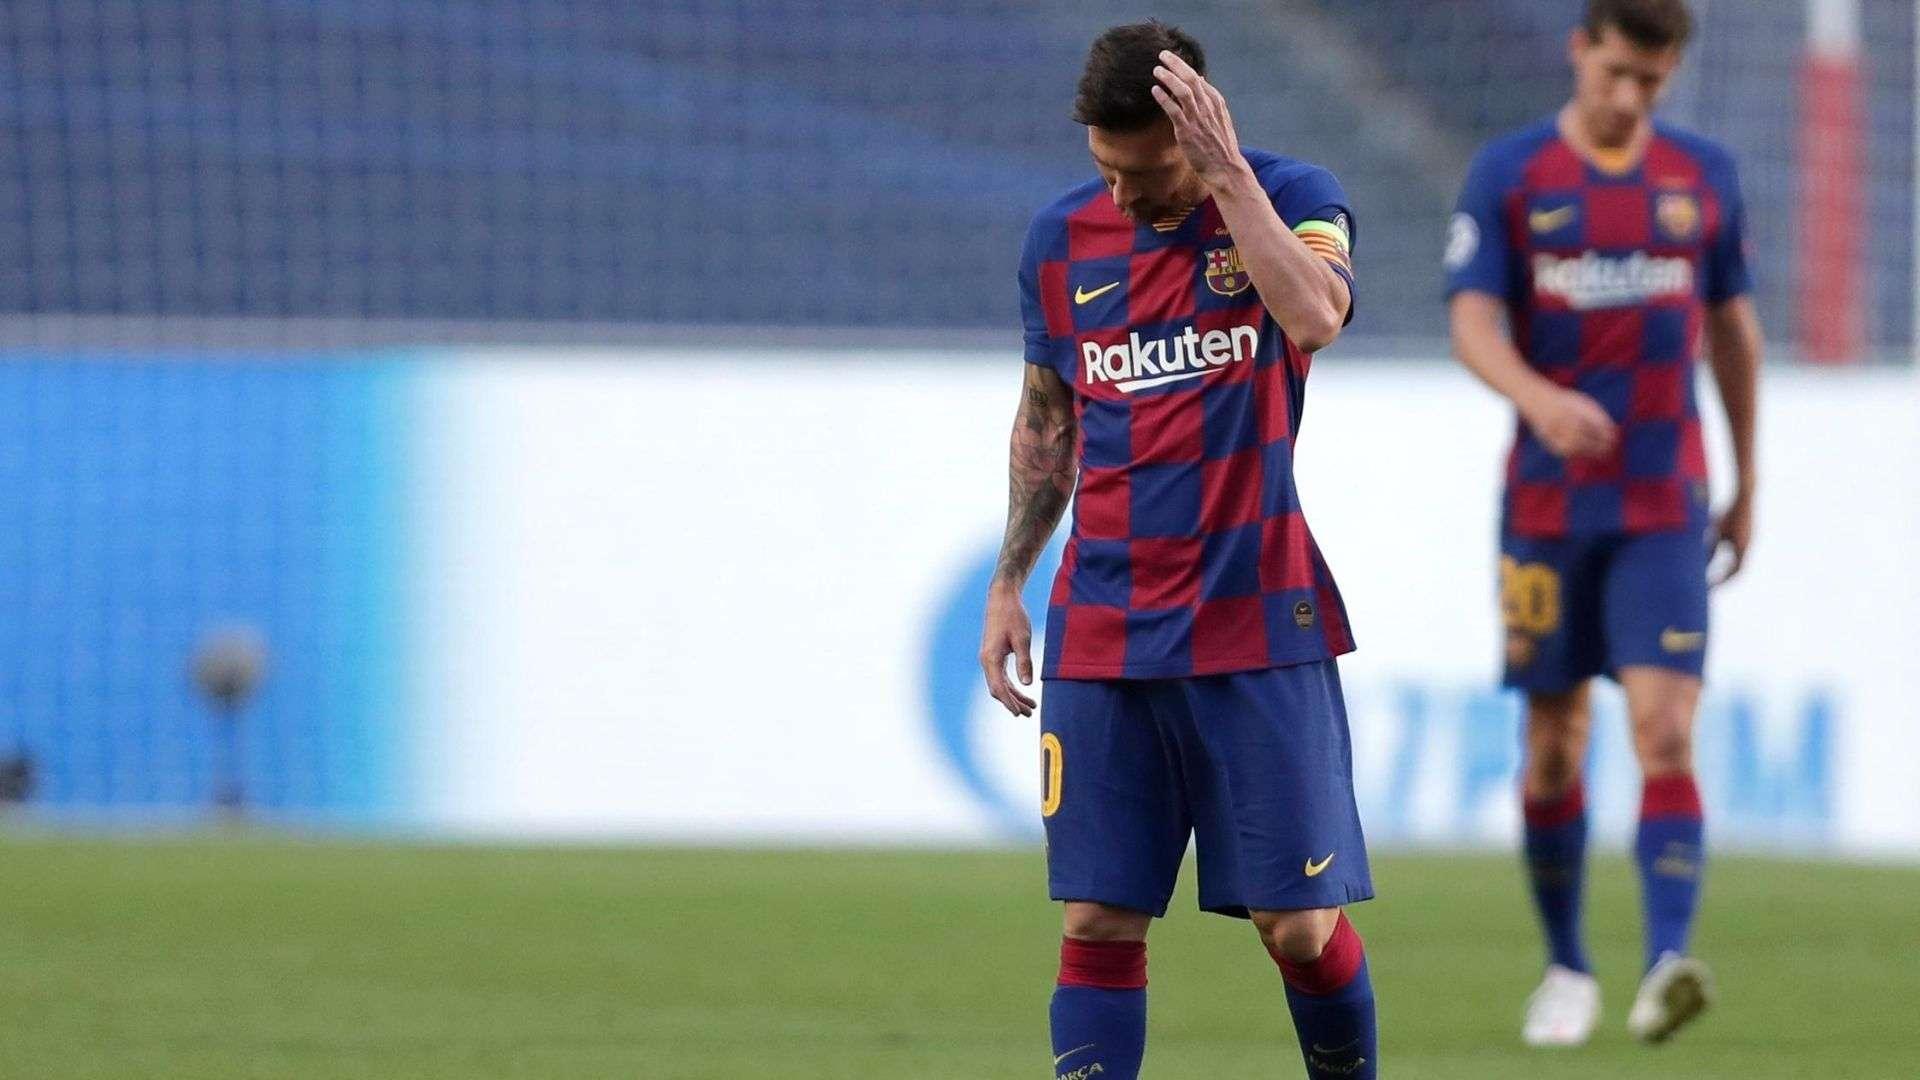 Barcelona Vs Bayern Munich En Directo Resultado Alineaciones Polemicas Reacciones Y Ruedas De Prensa Goal Com